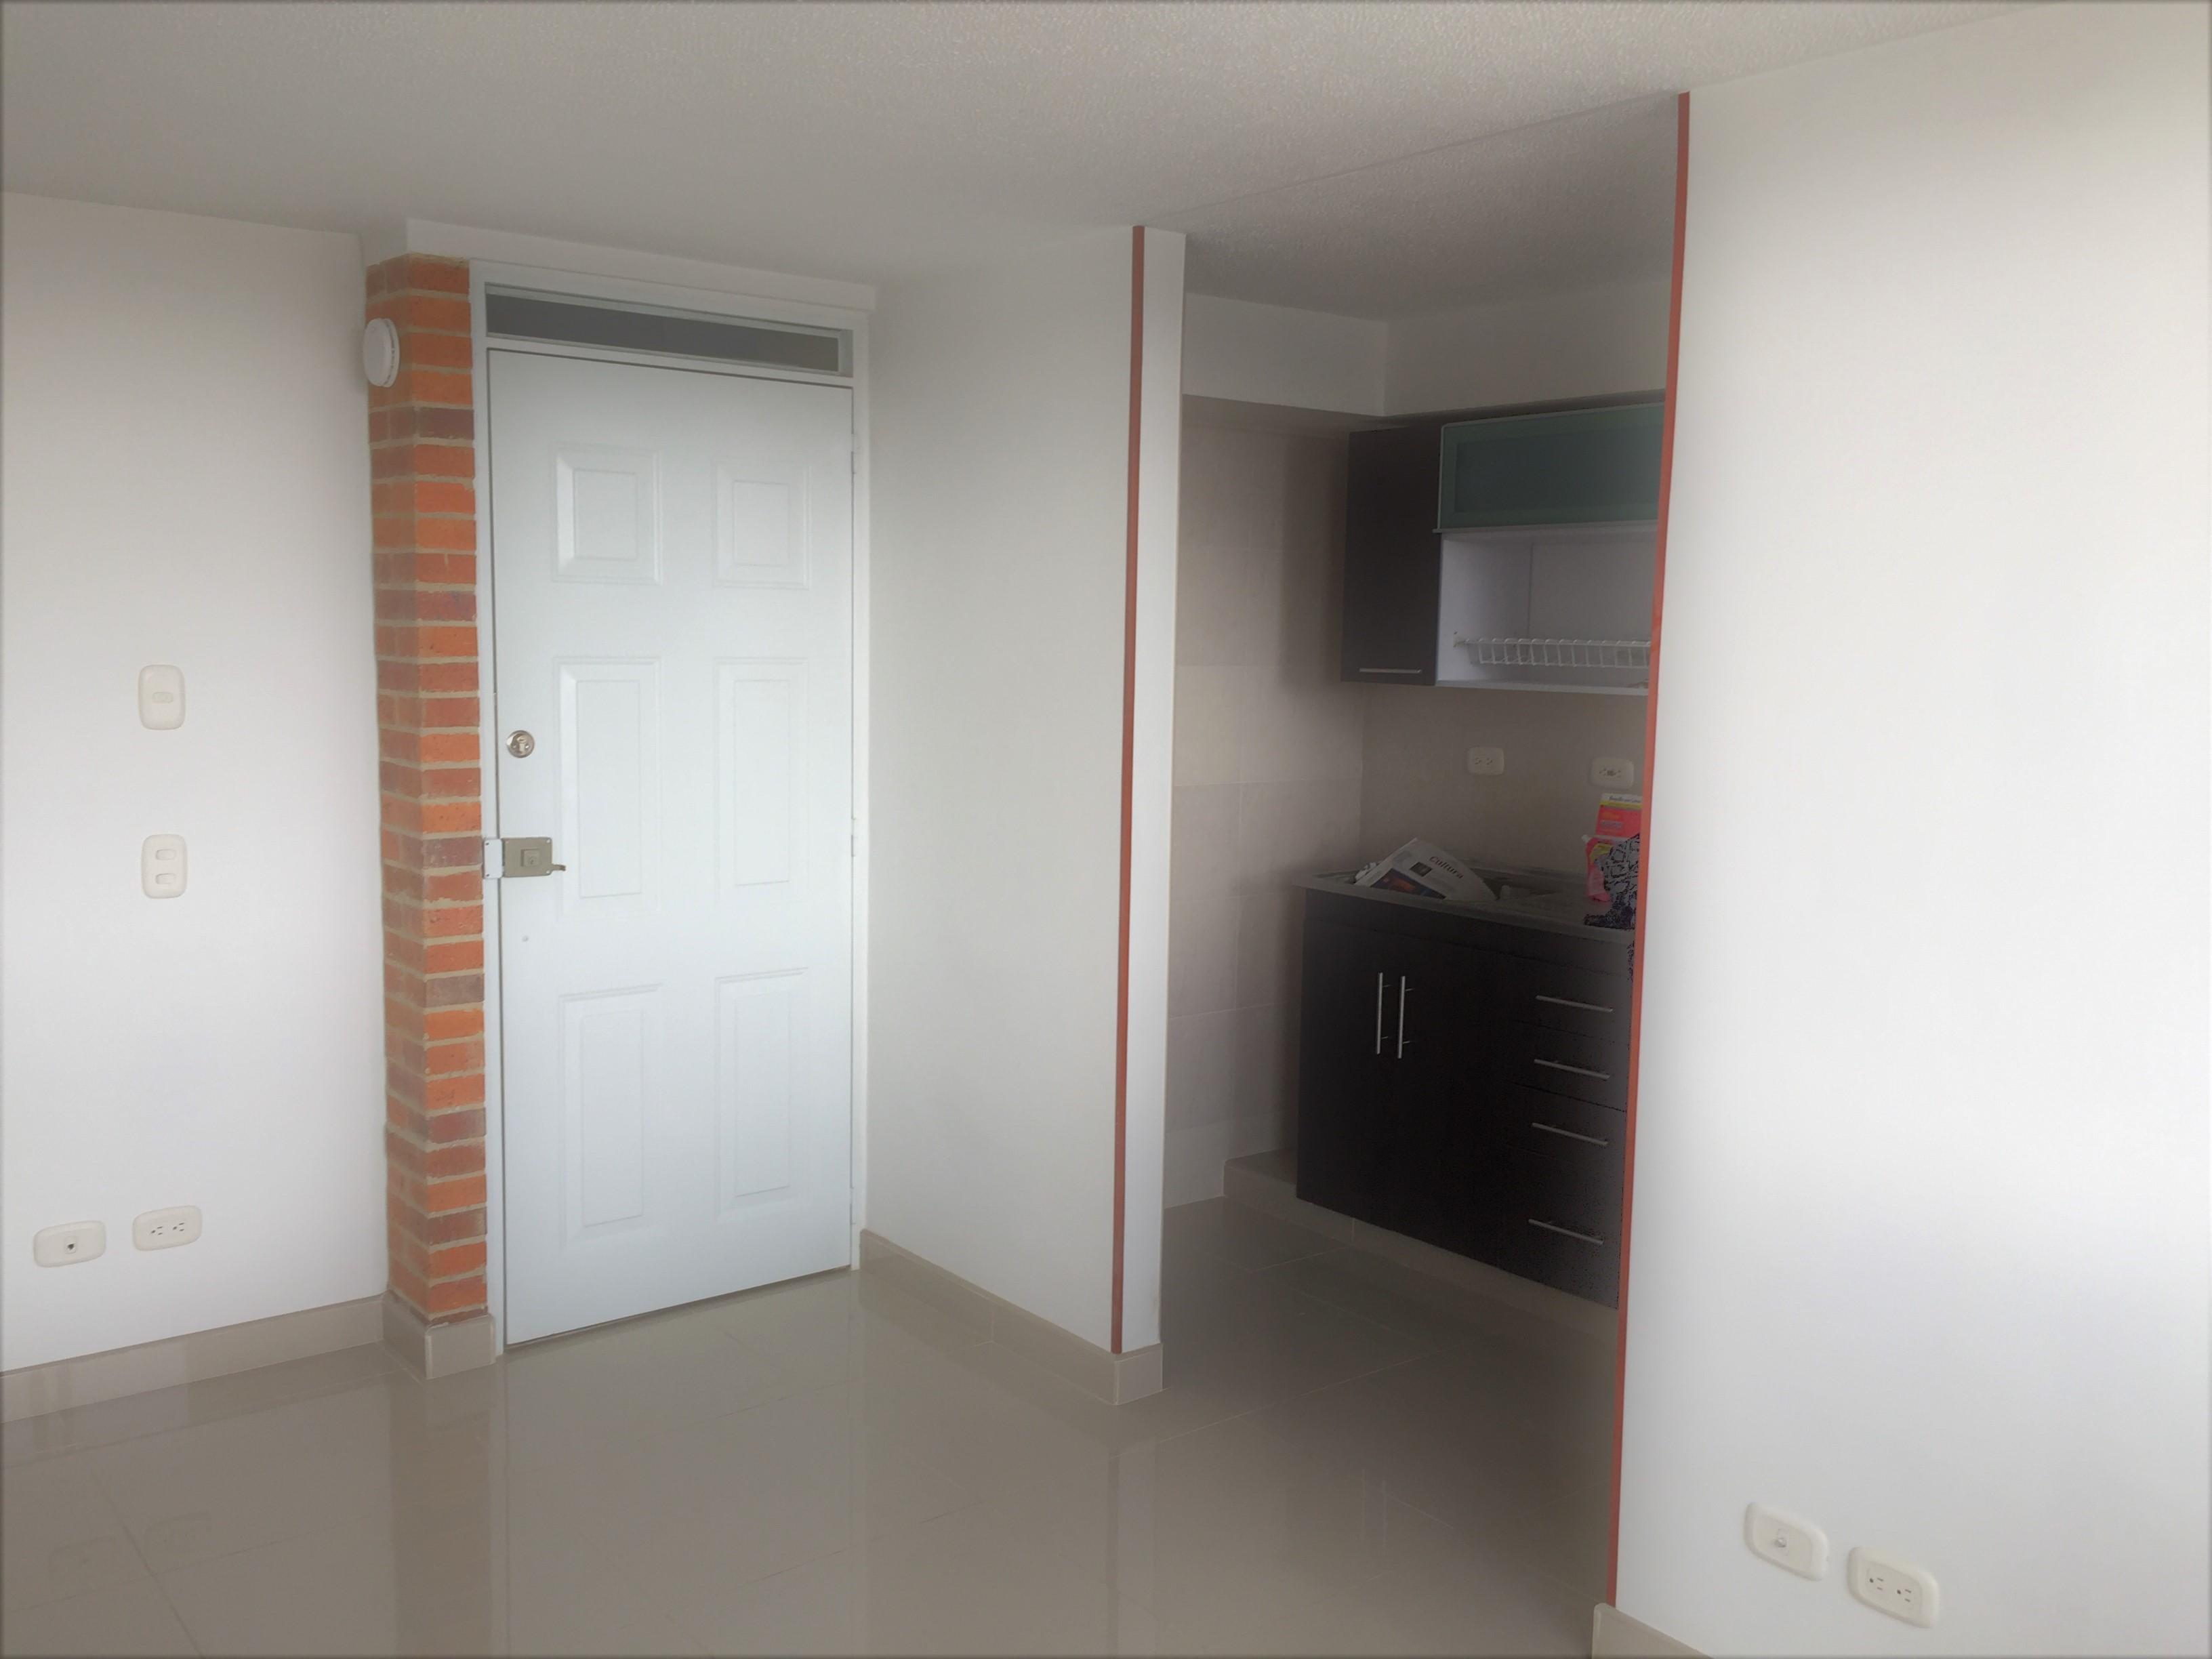 Bogotá, Cundinamarca, 3 Habitaciones Habitaciones, ,2 BathroomsBathrooms,Apartamento,Venta,1126